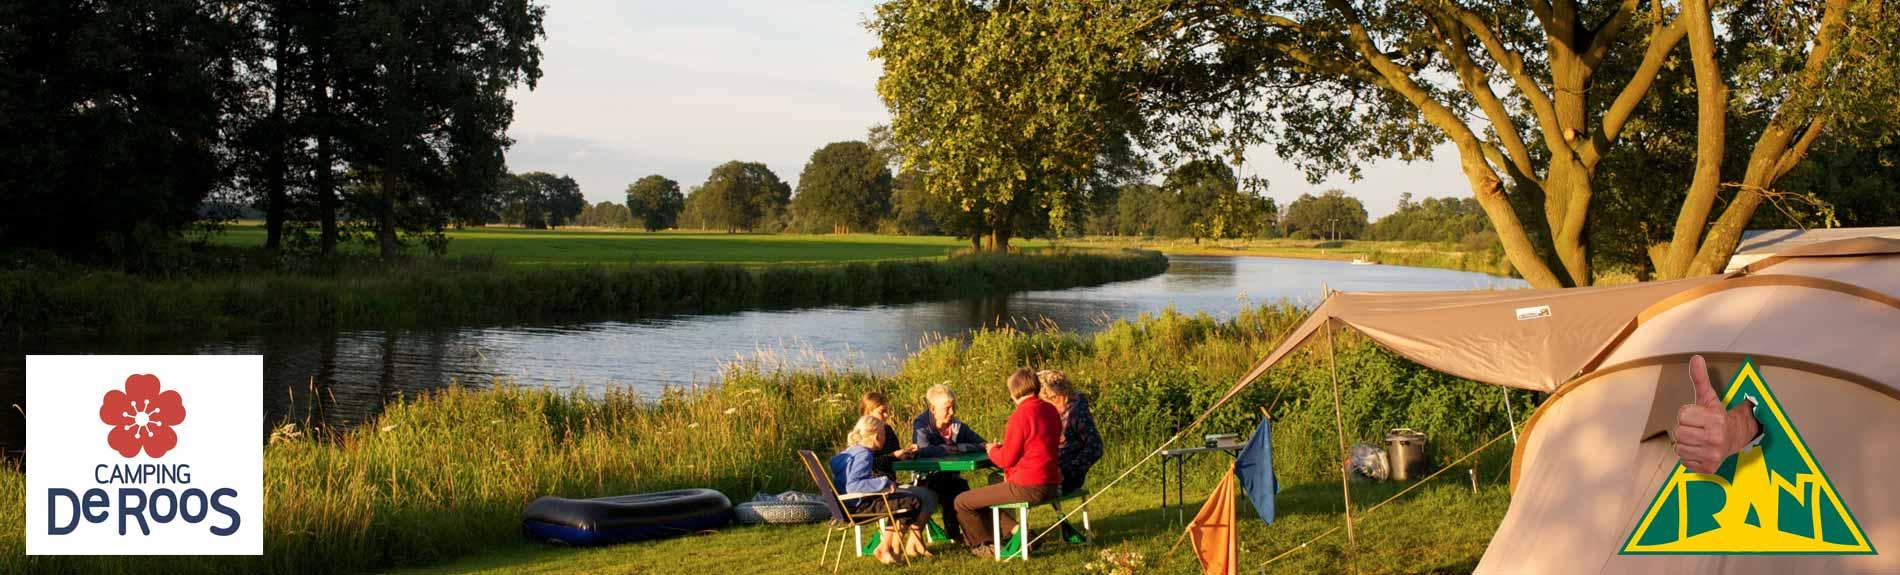 seizoen campings nederland